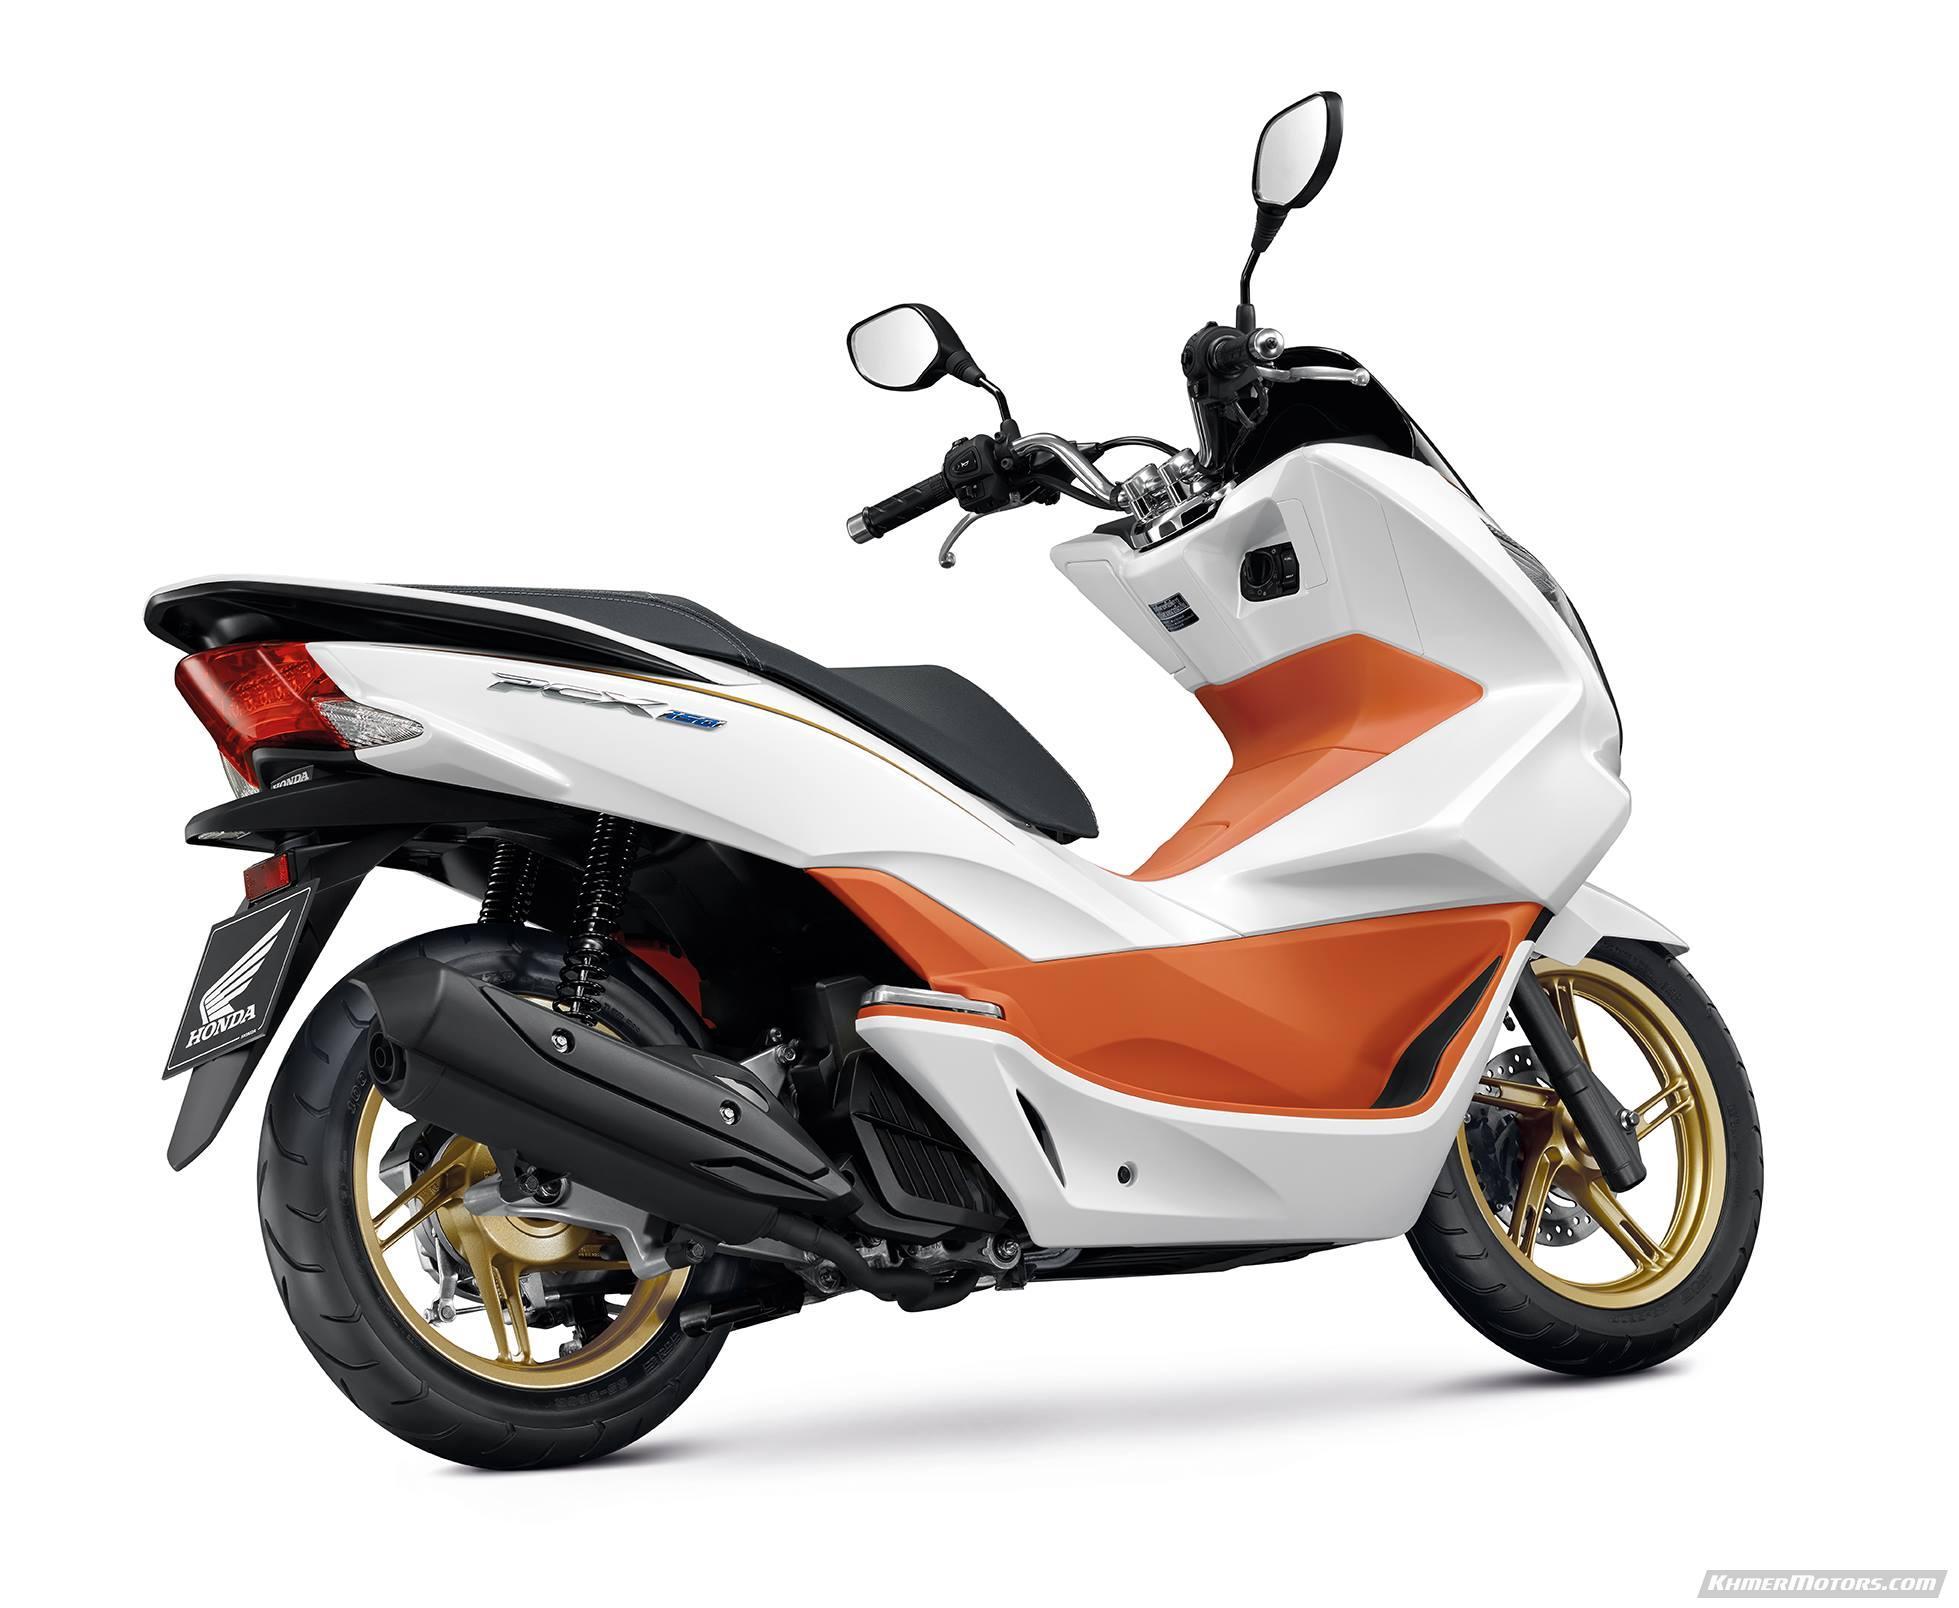 Honda PCX150 2017 [Price updated] - Khmer Motors